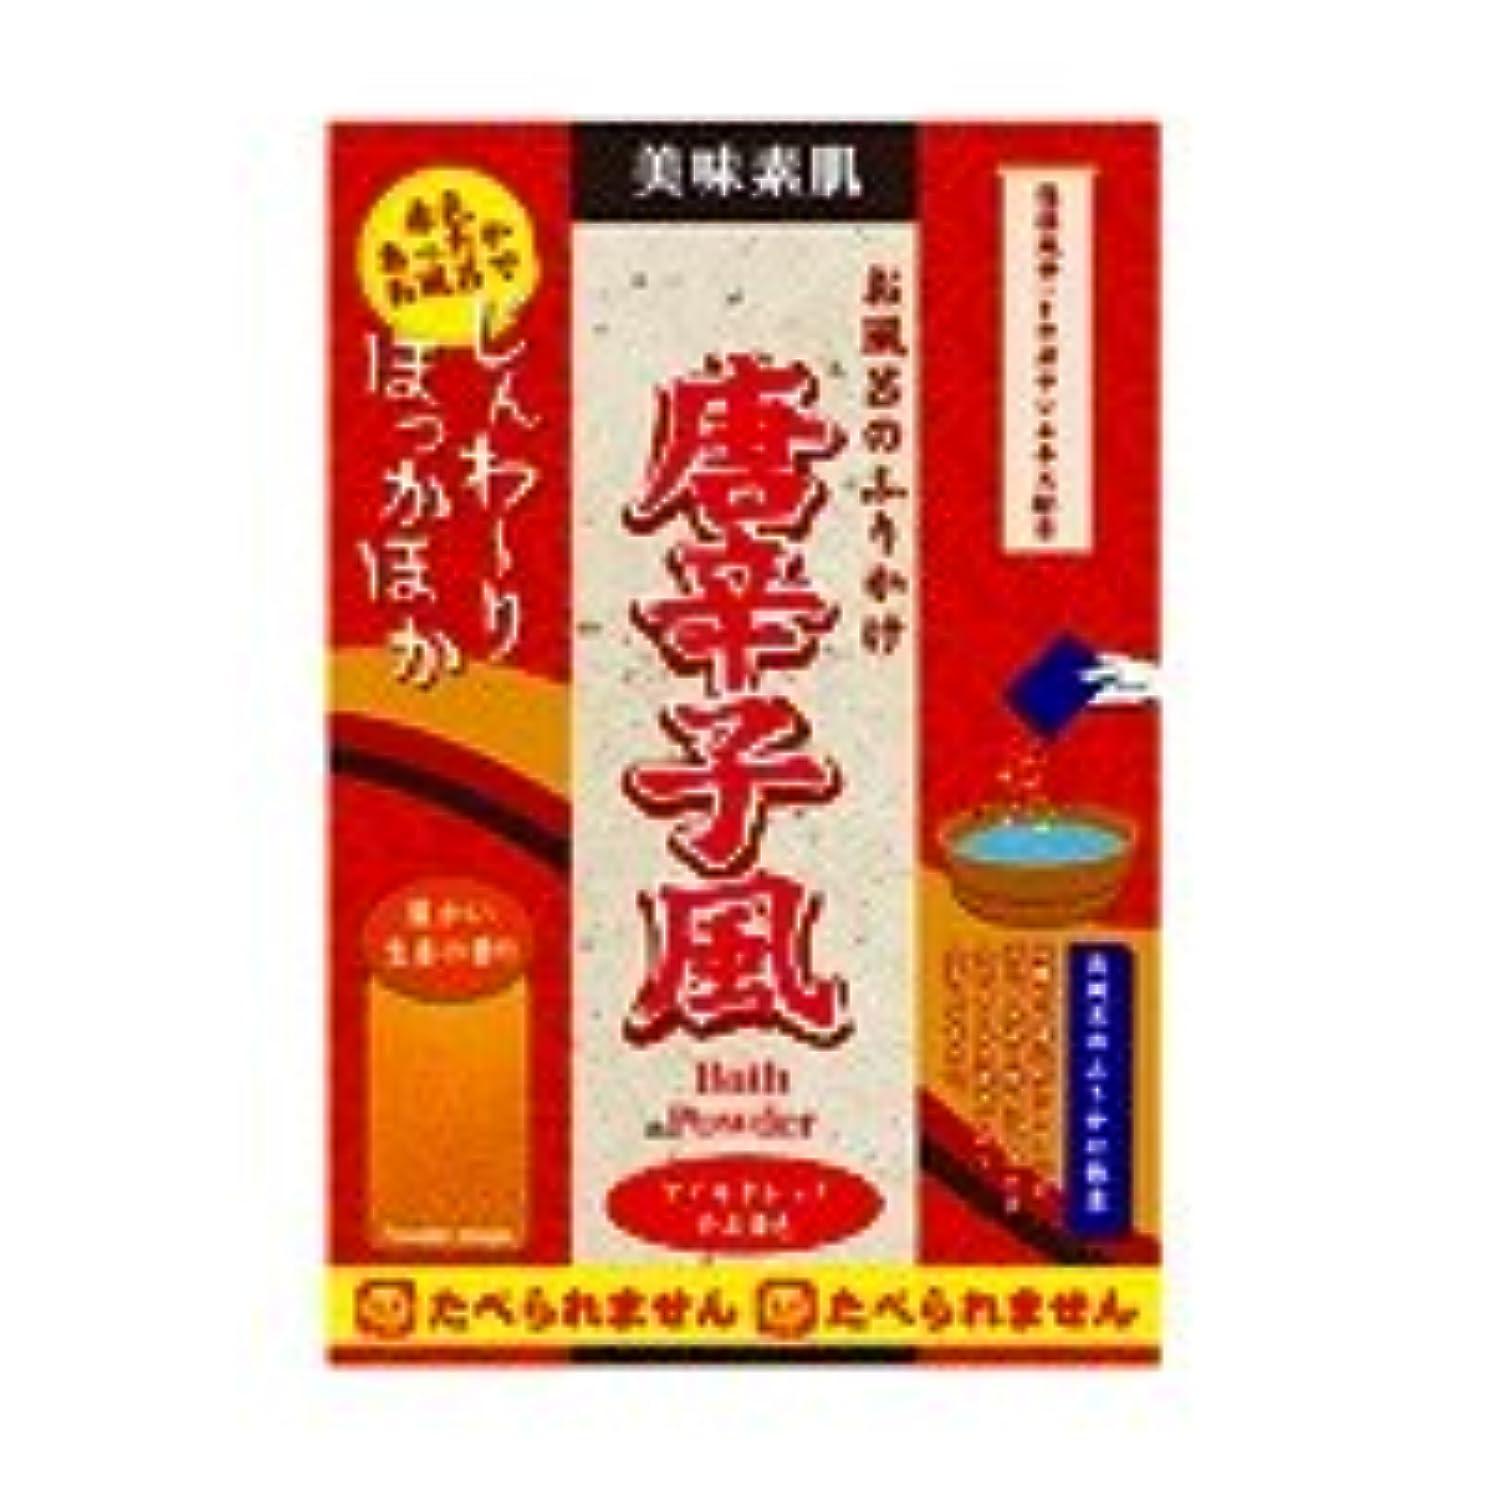 満足使役慢なお風呂のふりかけ「トウガラシ」12個セット マイルドレッドのお湯 温かい生姜の香り